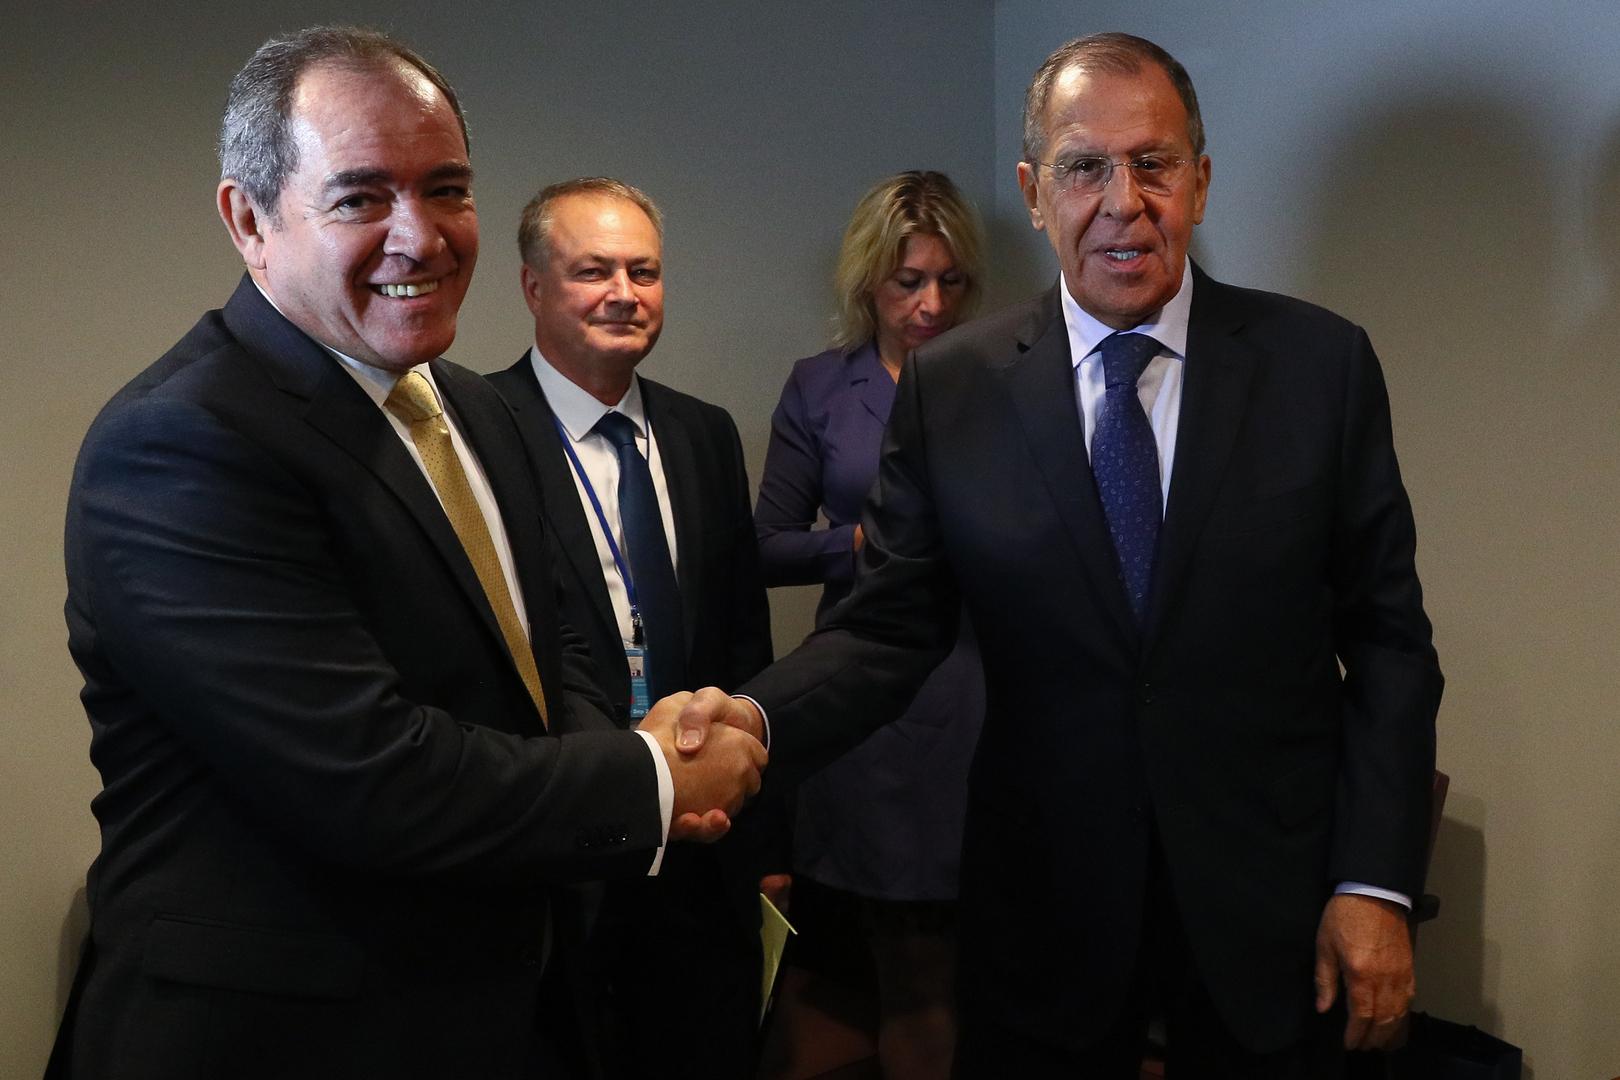 وزيرا الخارجية الروسي سيرغي لافروف والجزائري صبري بوقادوم (صورة أرشيفية)